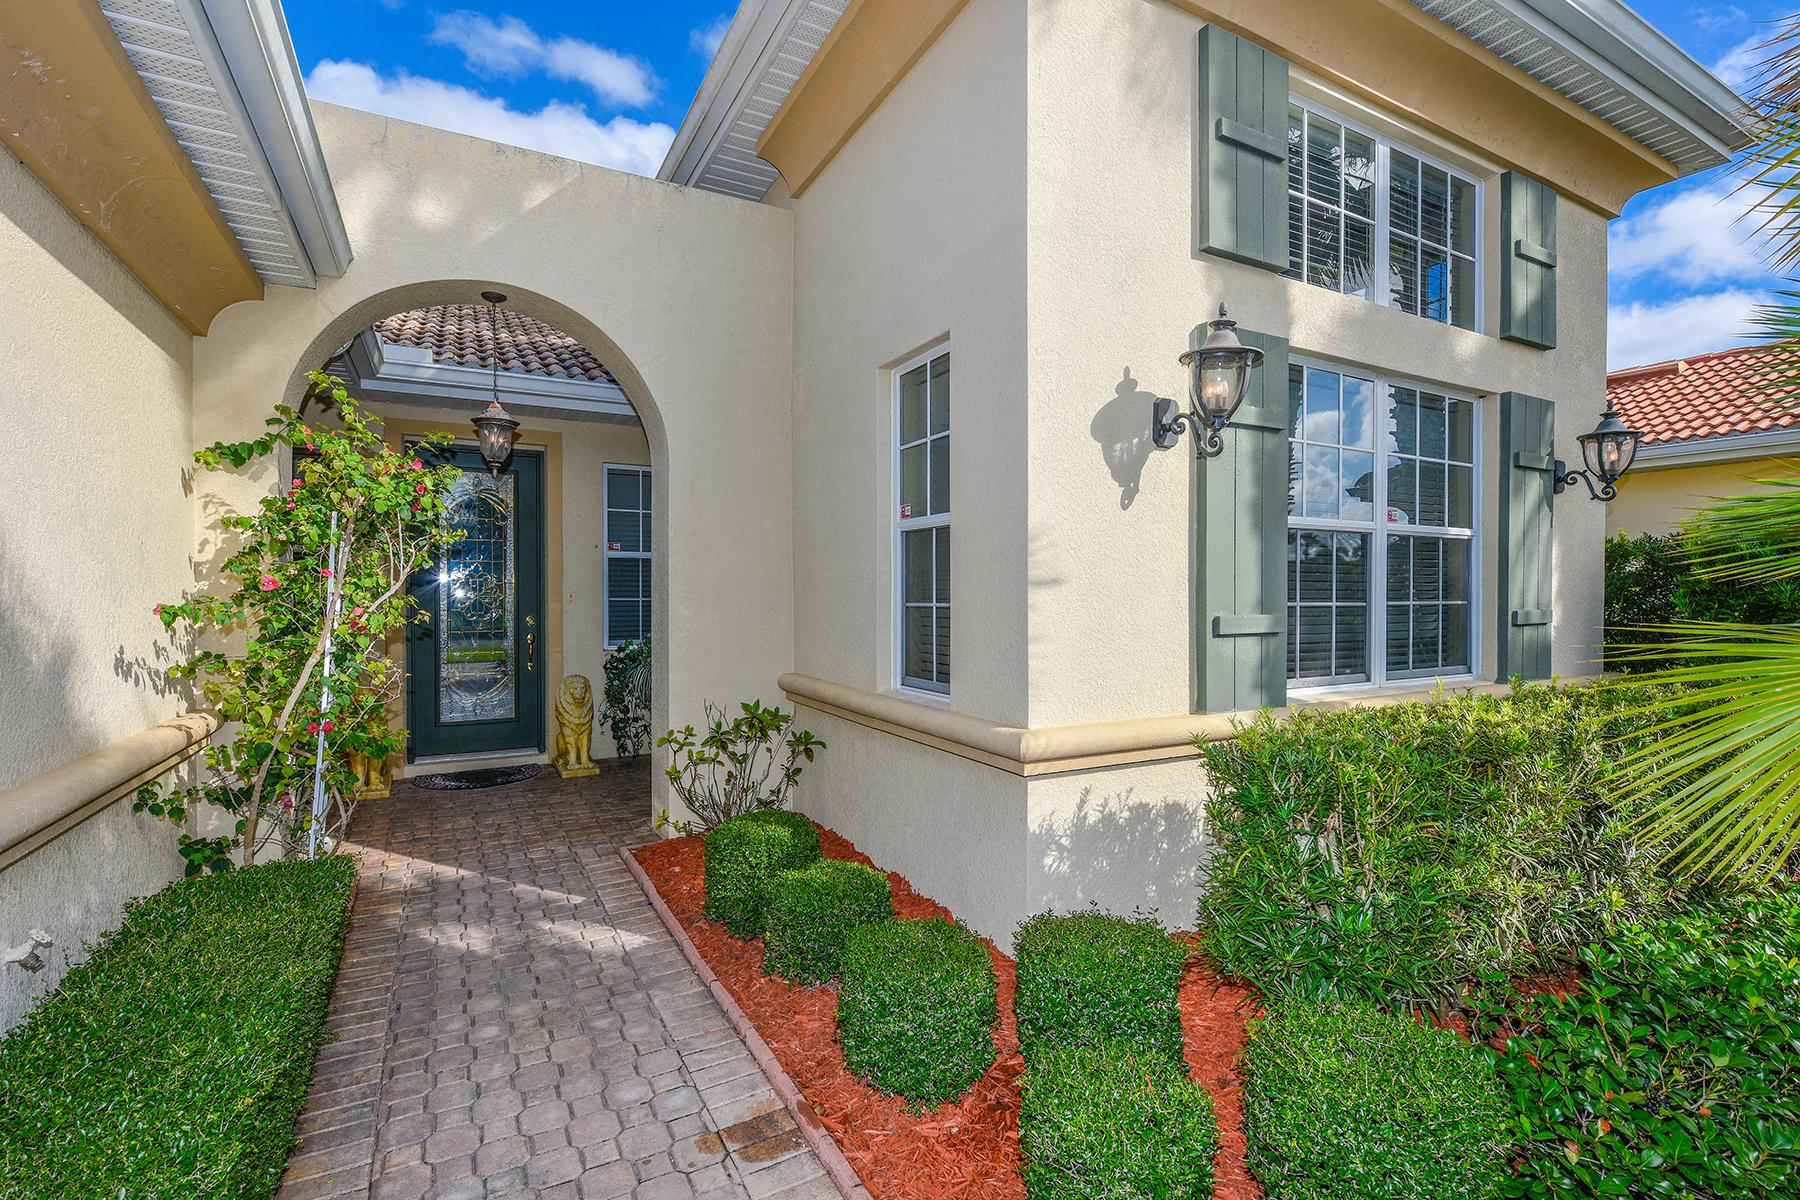 Maison unifamiliale pour l Vente à VENETIAN GOLF & RIVER CLUB 266 Montelluna Dr North Venice, Florida 34275 États-Unis